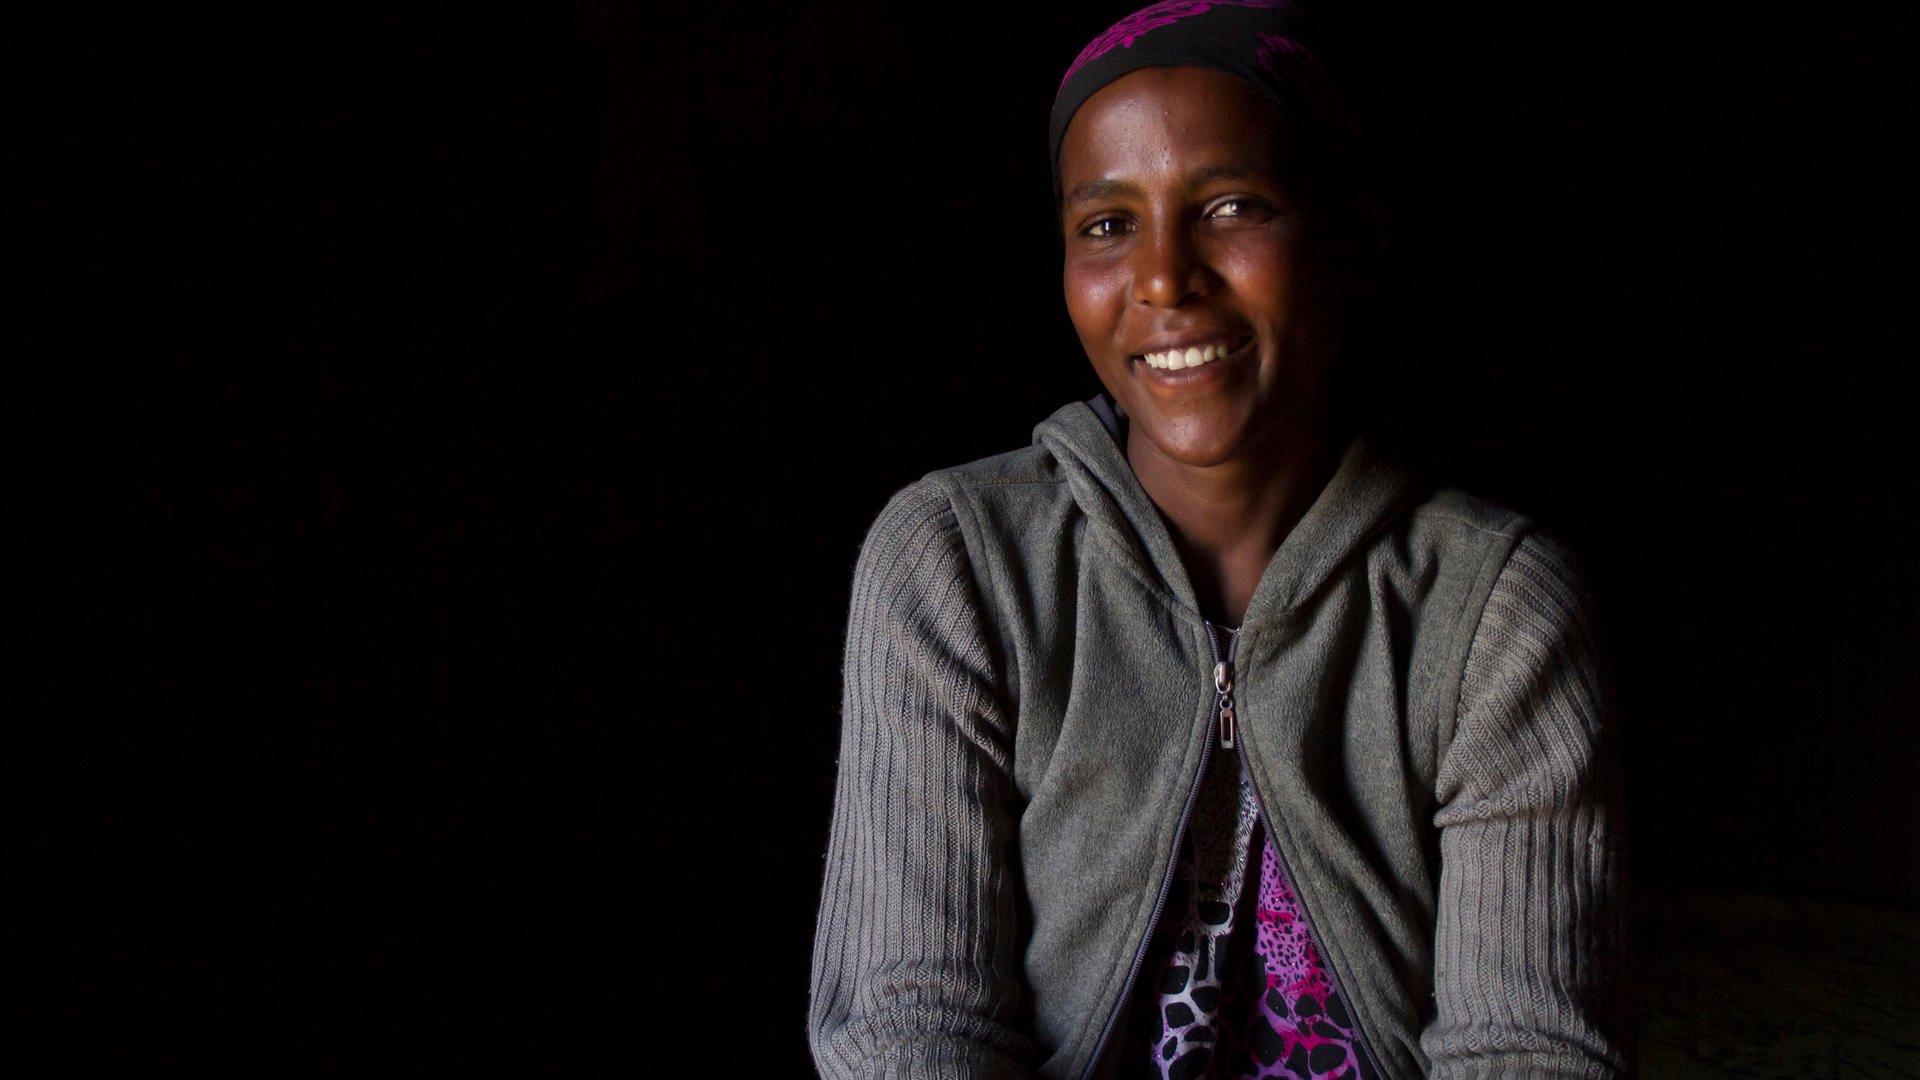 Ethiopian Sheyte Amdu smiling